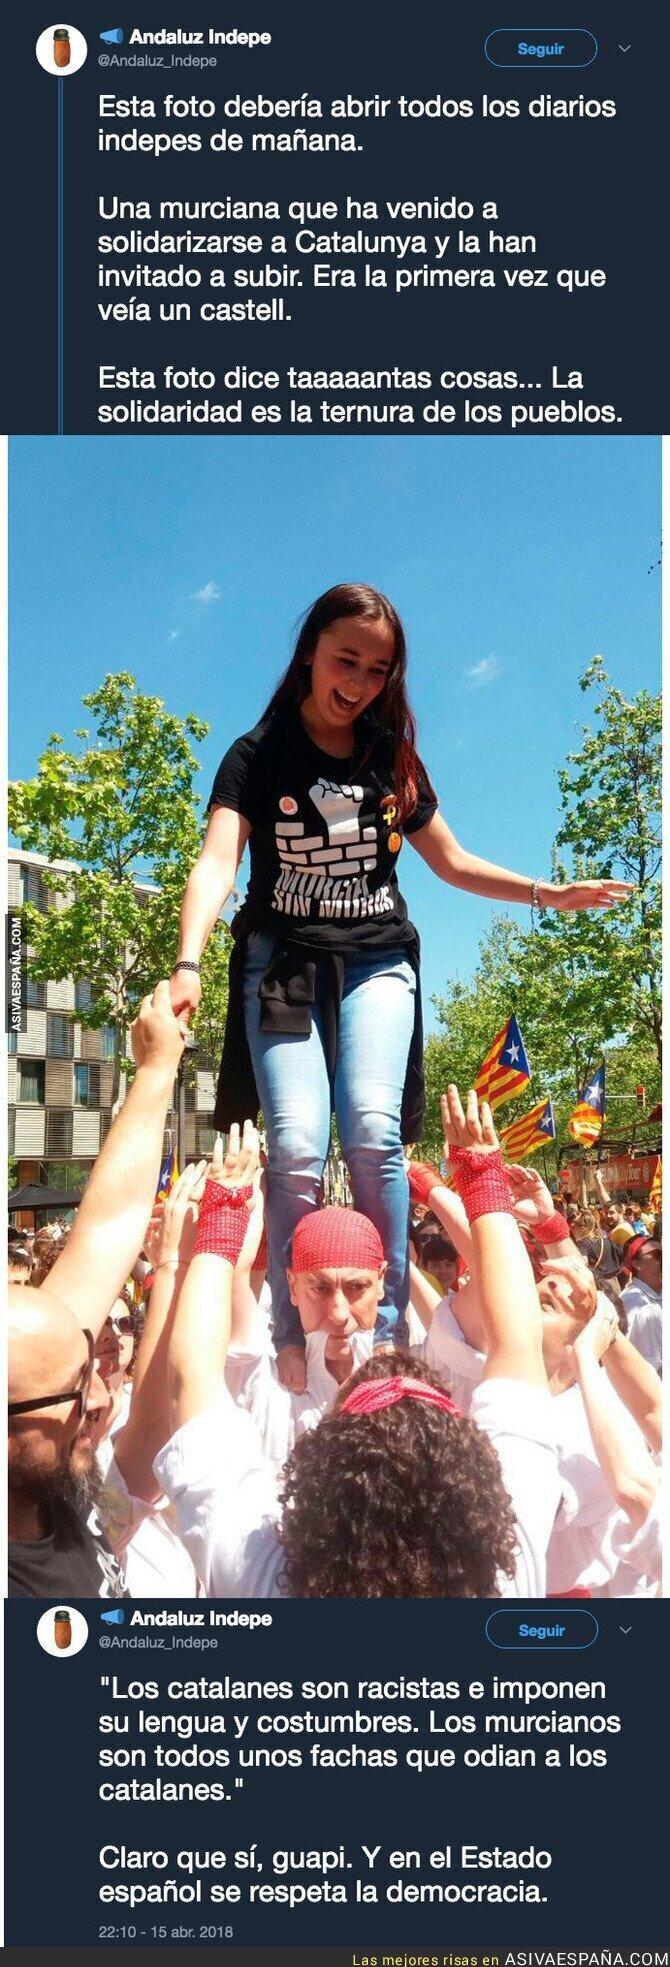 85585 - Esto es Catalunya y la solidaridad entre pueblos